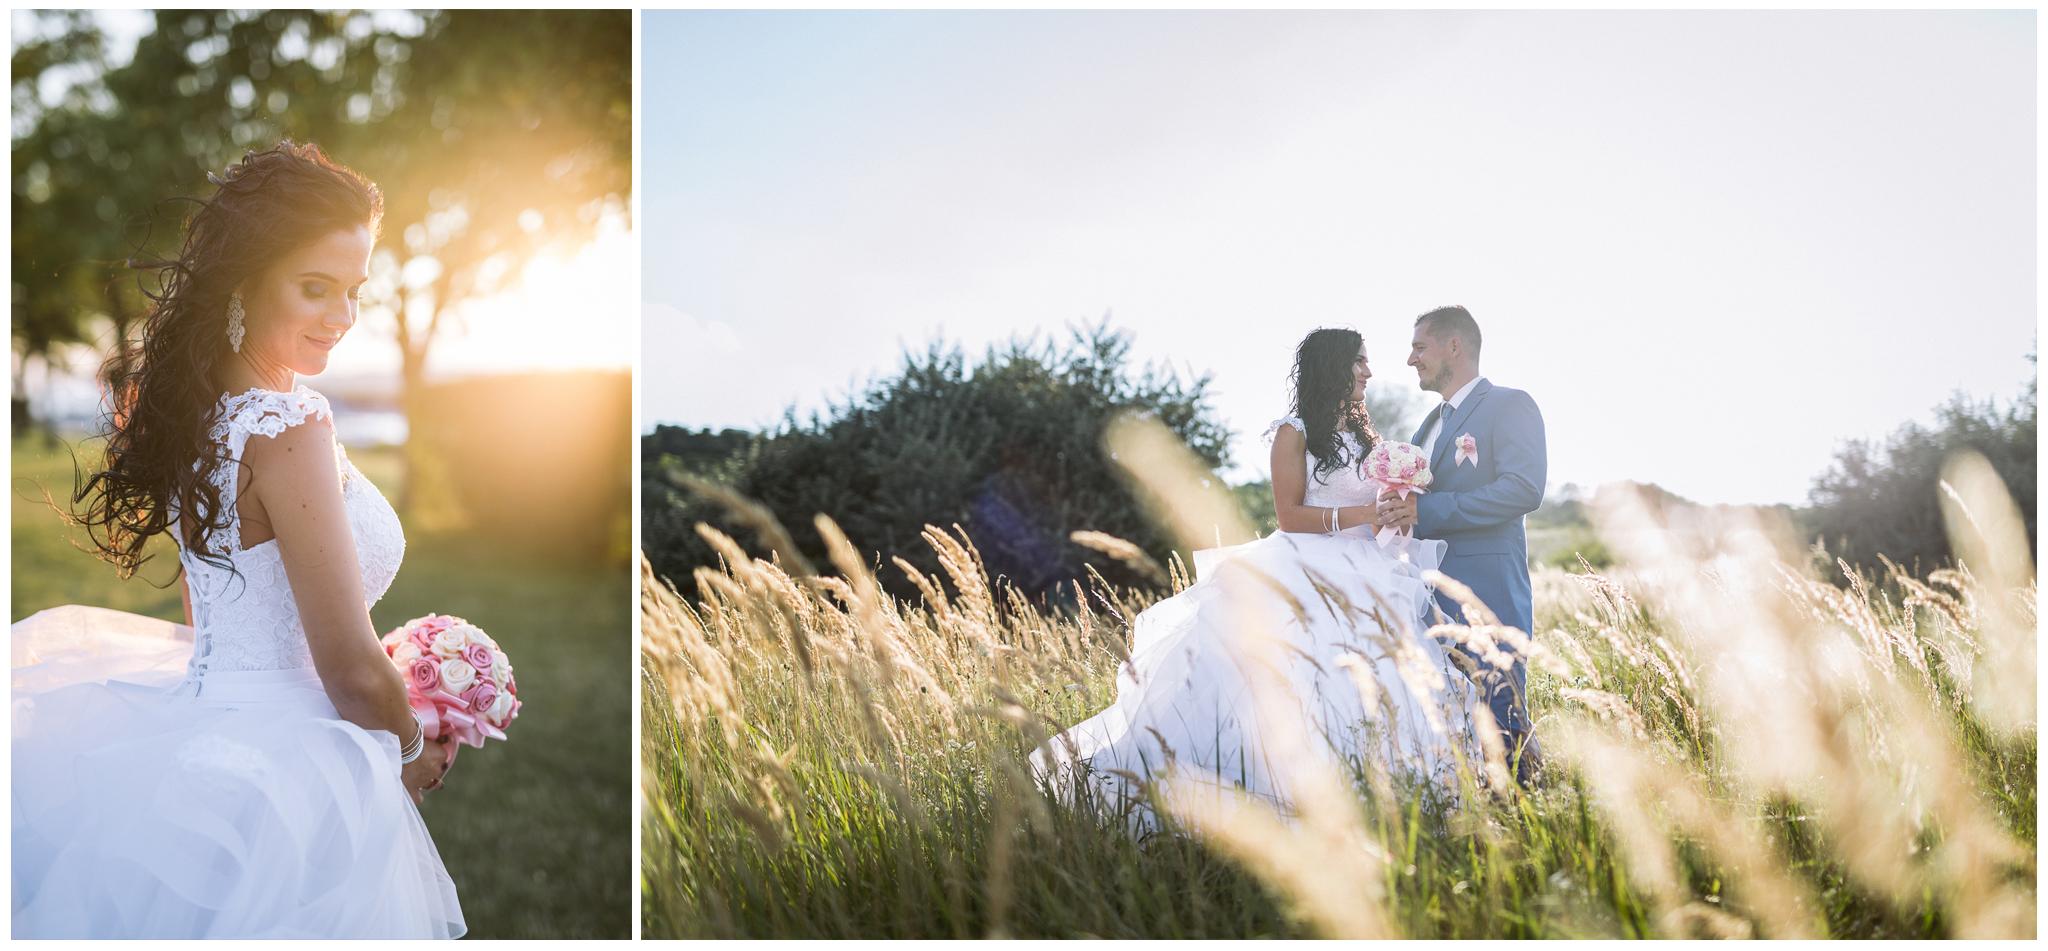 FylepPhoto, esküvőfotózás, magyarország, esküvői fotós, vasmegye, prémium, jegyesfotózás, Fülöp Péter 21.jpg